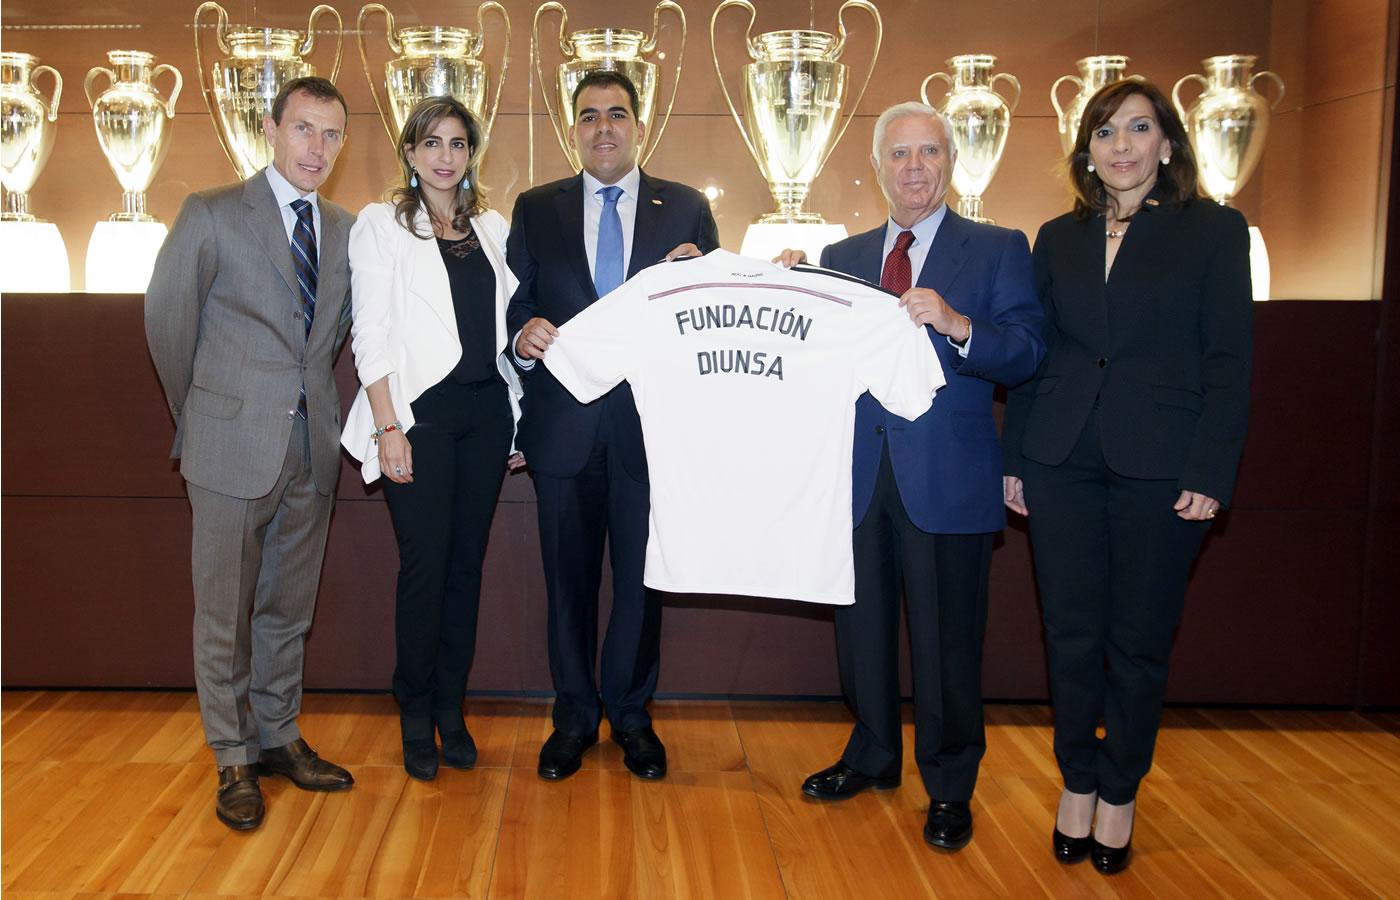 Diunsa y Real Madrid renuevan su convenio